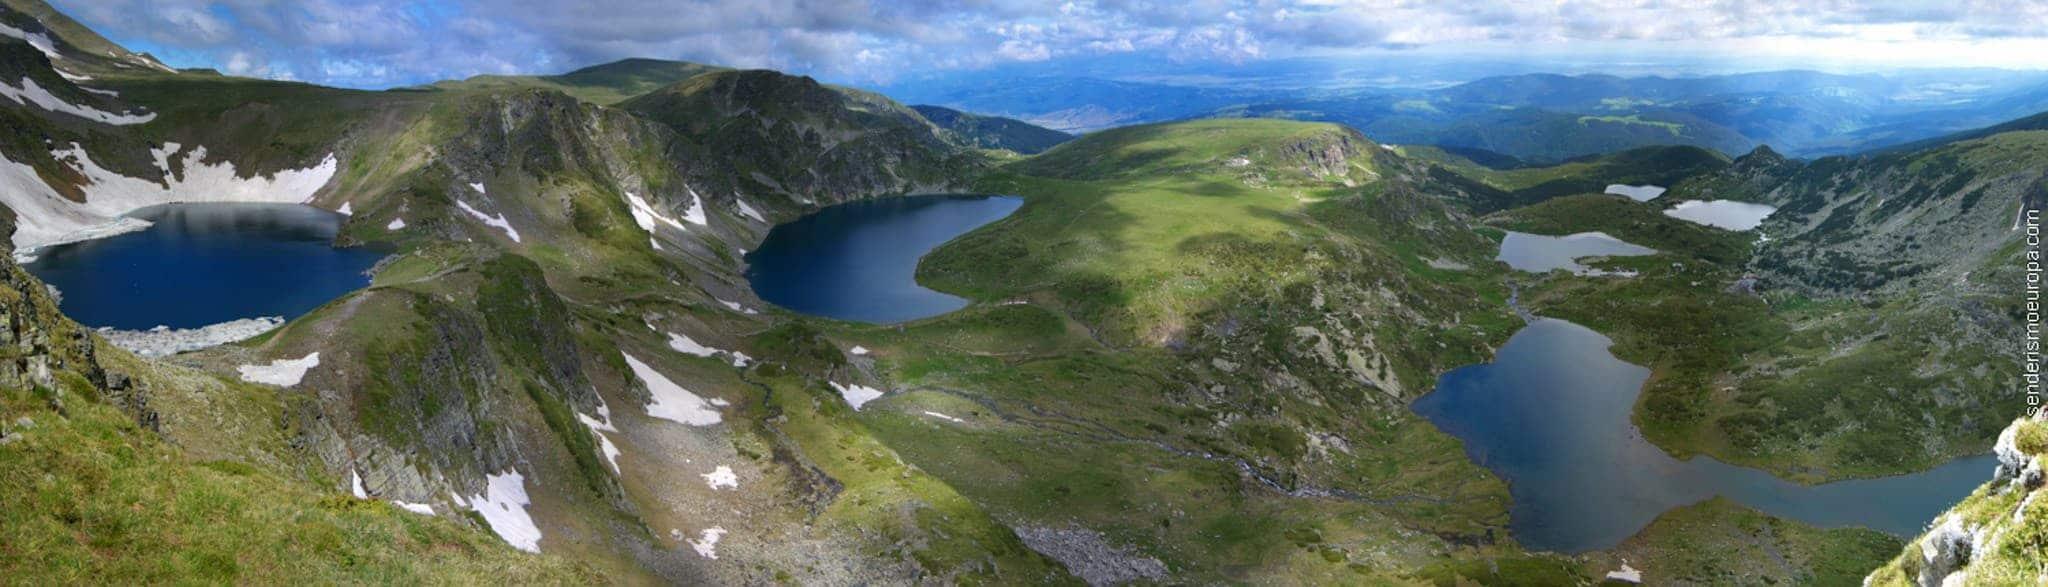 Siete Lagos de Parque Natural de Rila en Bulgaria